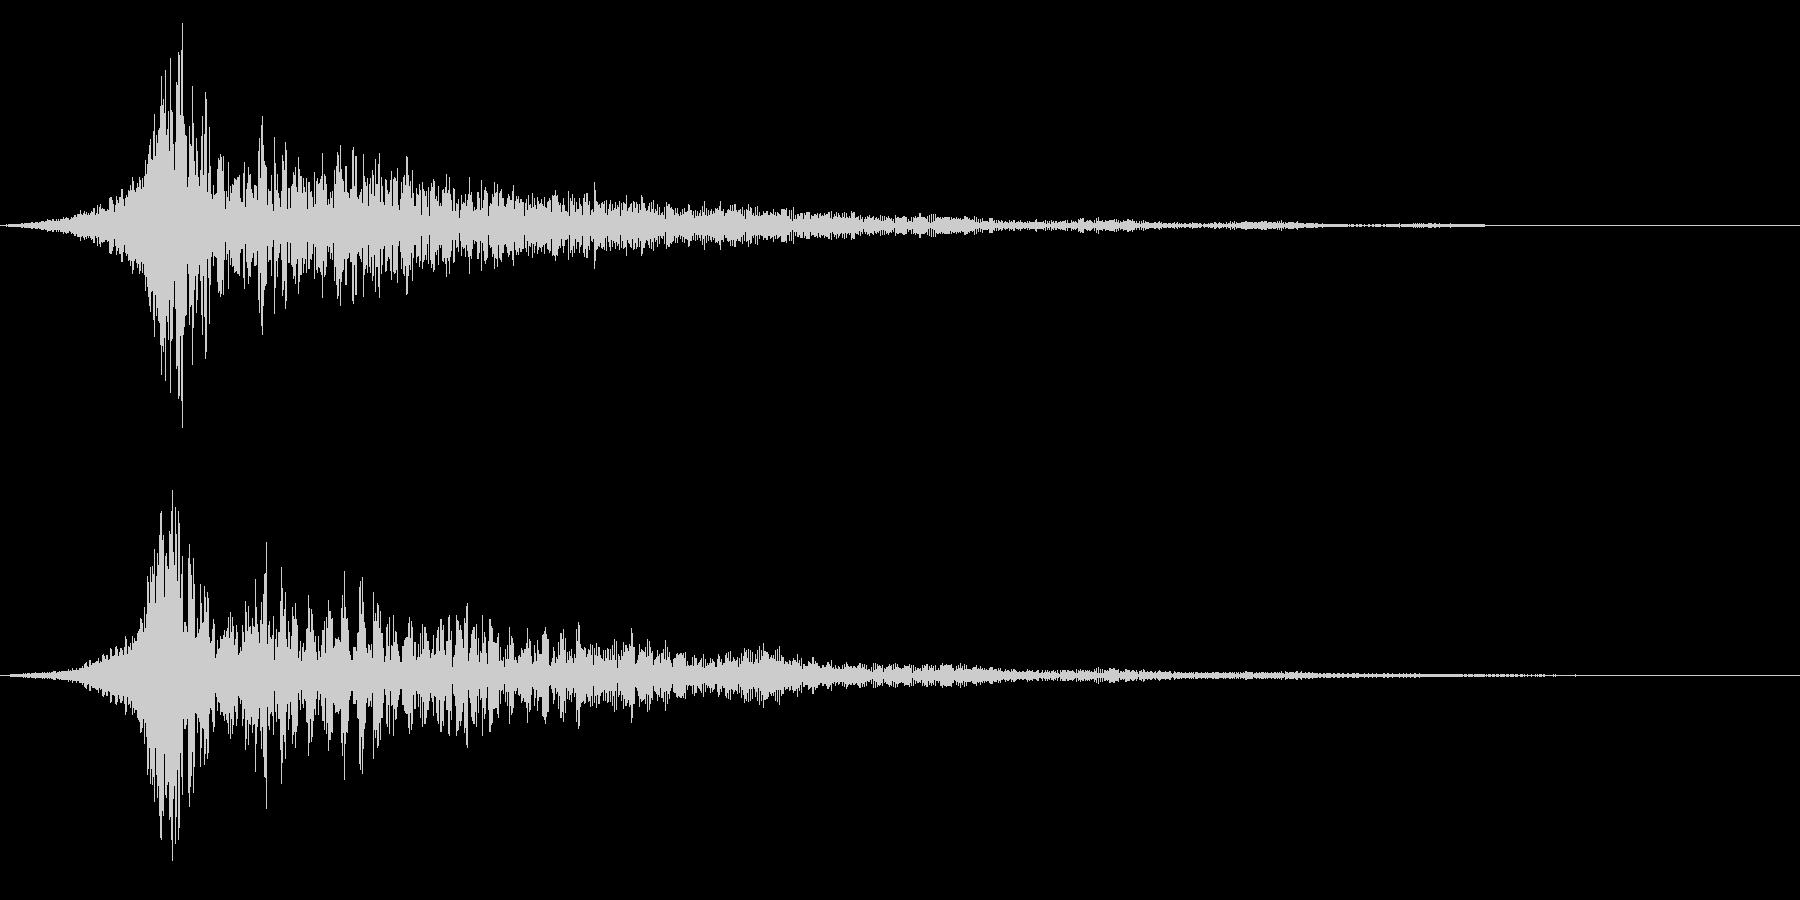 ホラー系アタック音76の未再生の波形